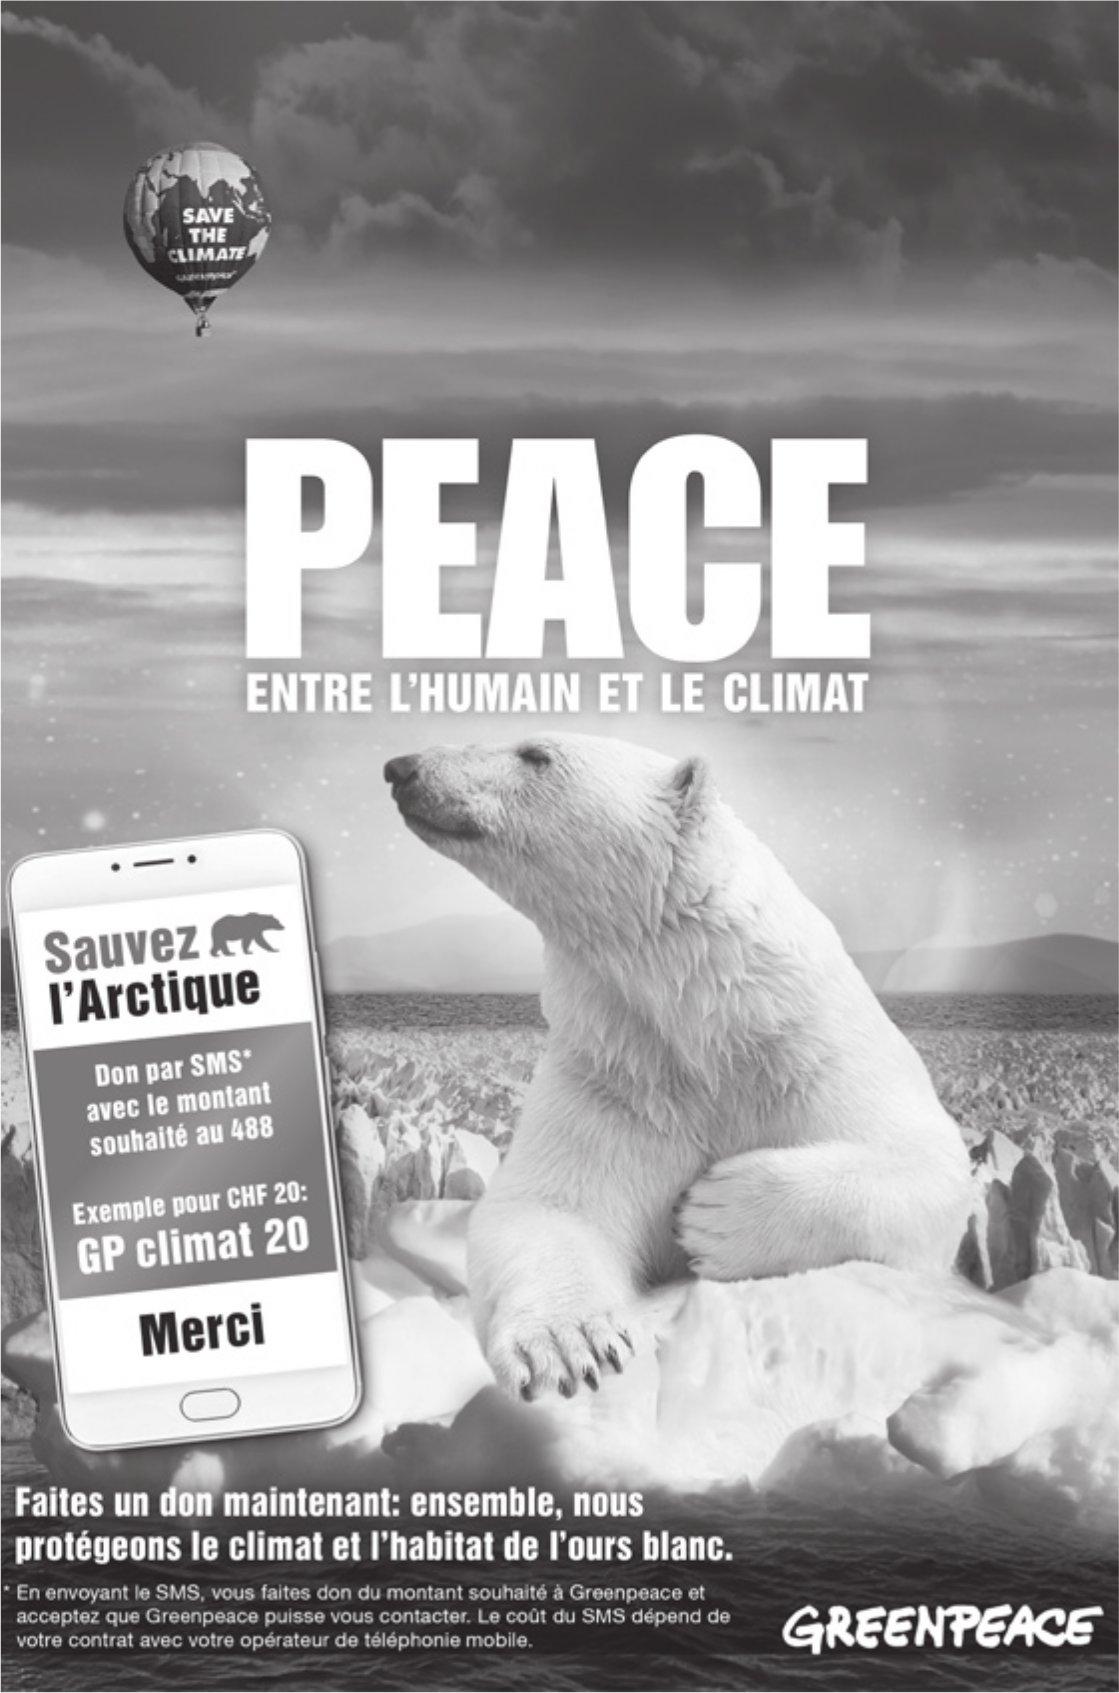 GREENPEACE - PEACE ENTRE l'HUMAIN ET LE CLIMAT